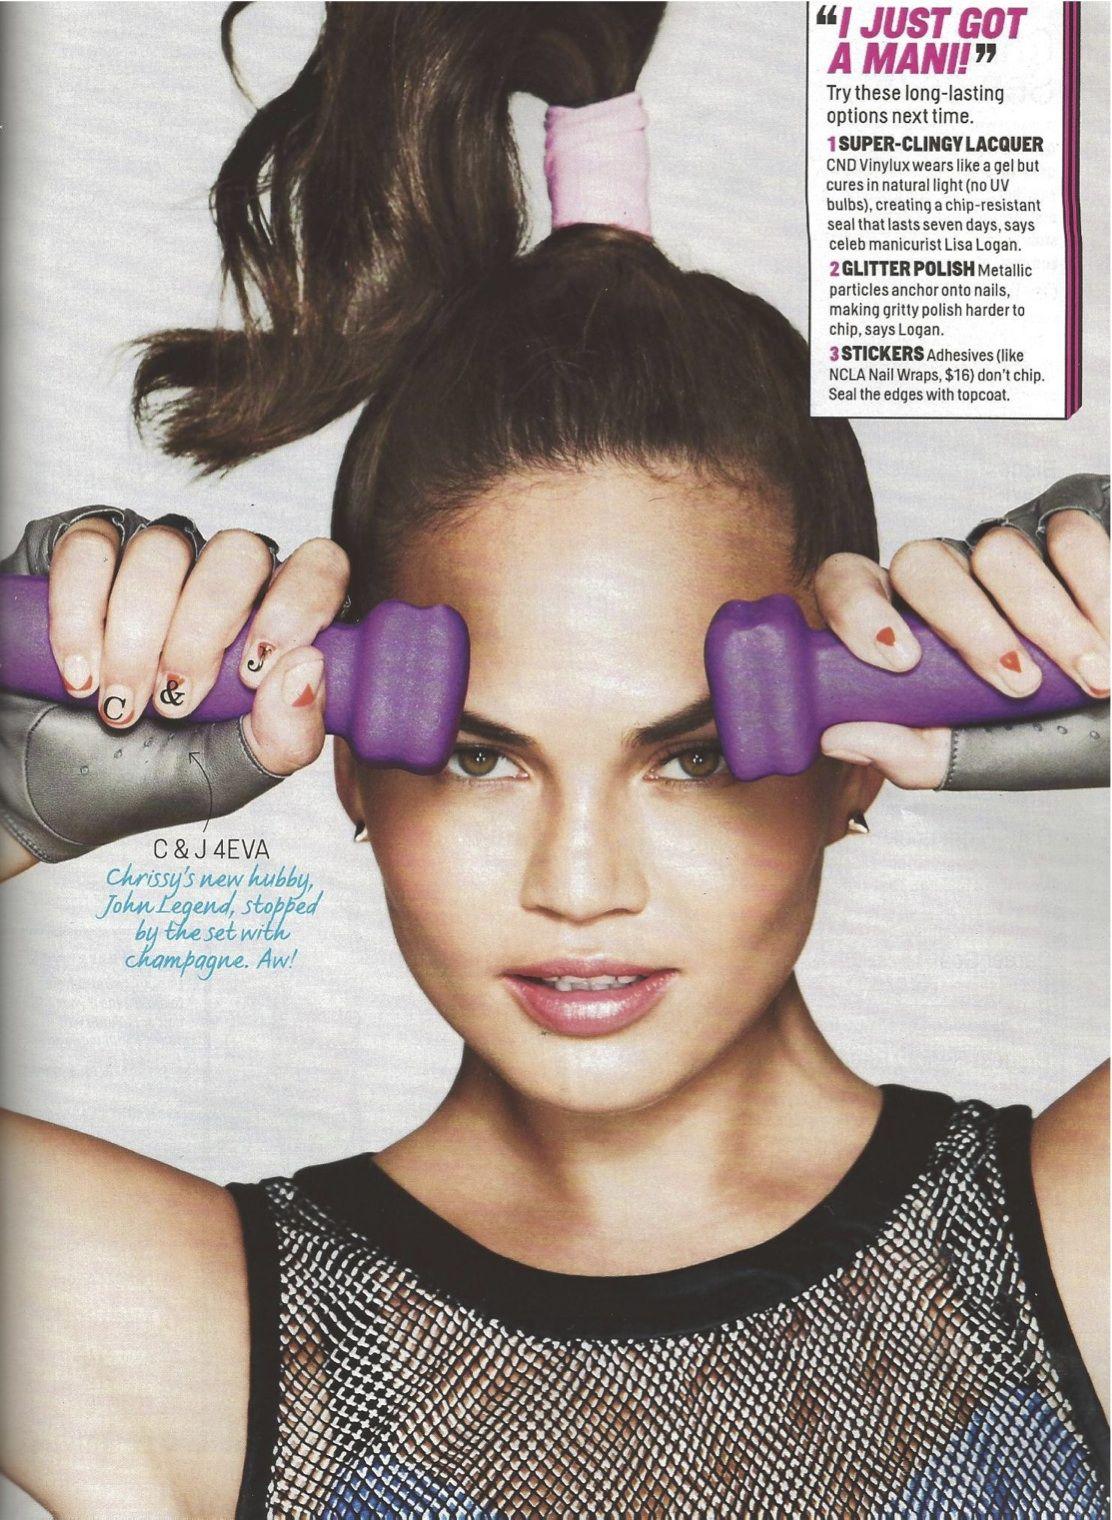 Causse fingerless gloves in Cosmopolitan US / Jan 14